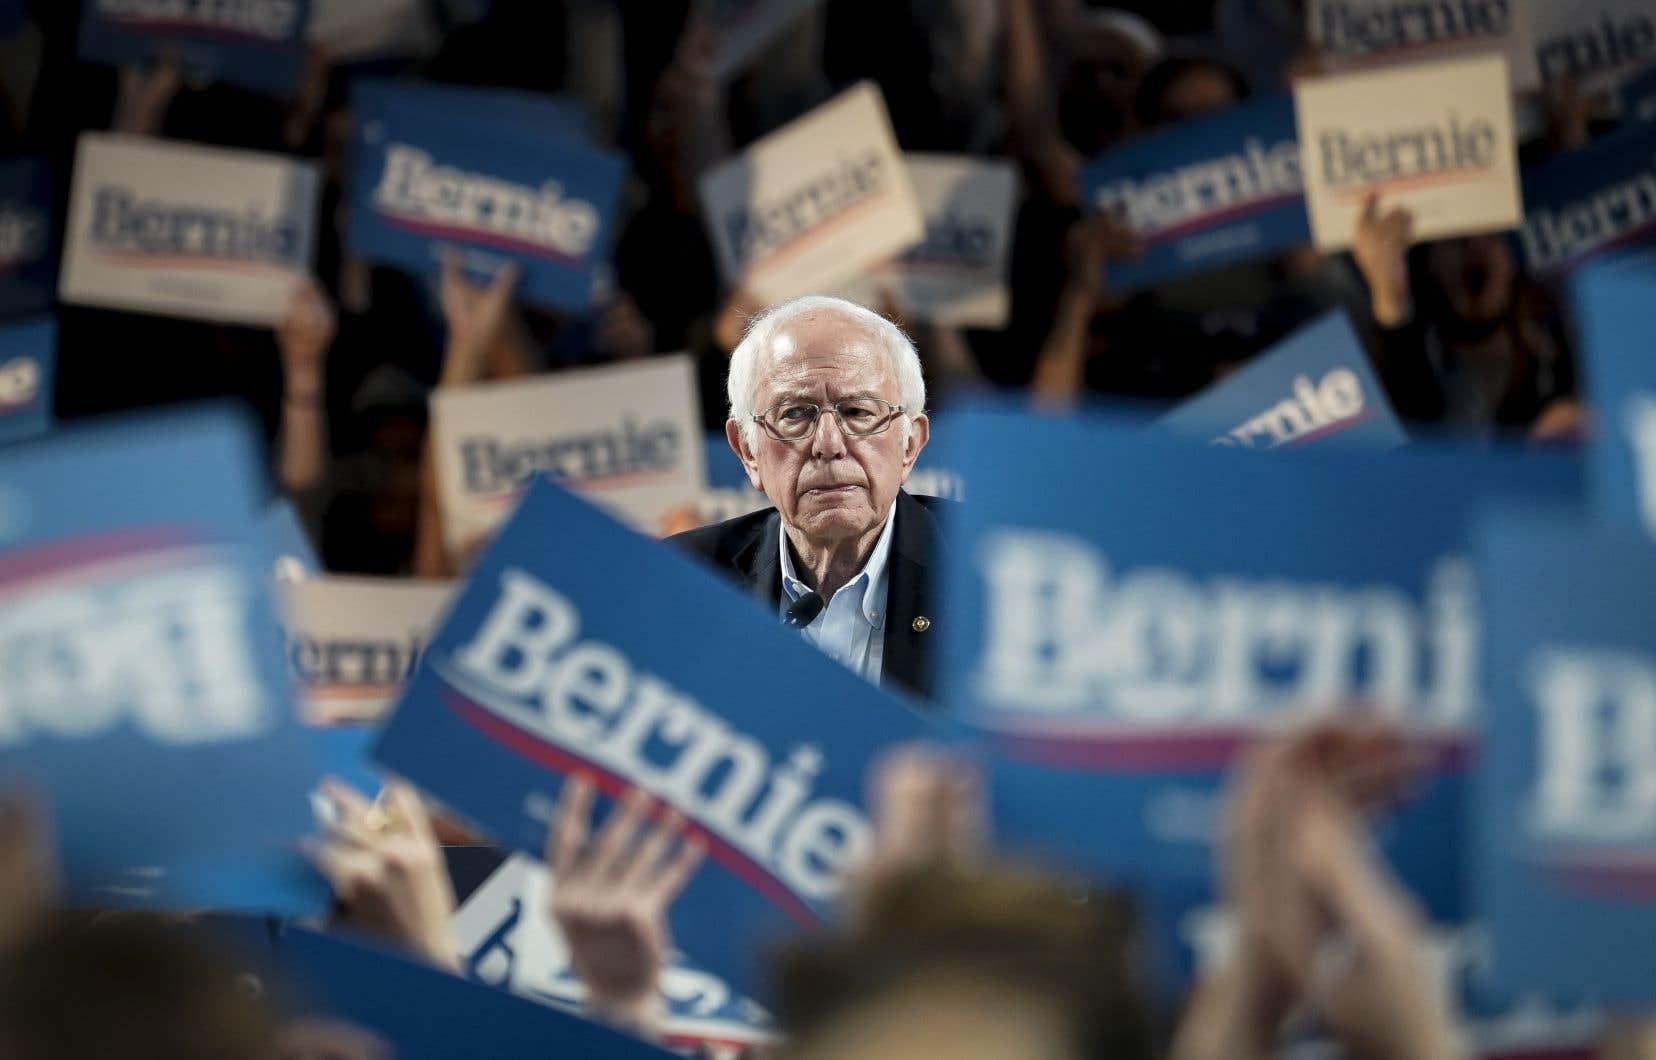 Au lendemain des caucus du Nevada, les résultats partiels de dimanche donnaient toujours une large avance au sénateur du Vermont.